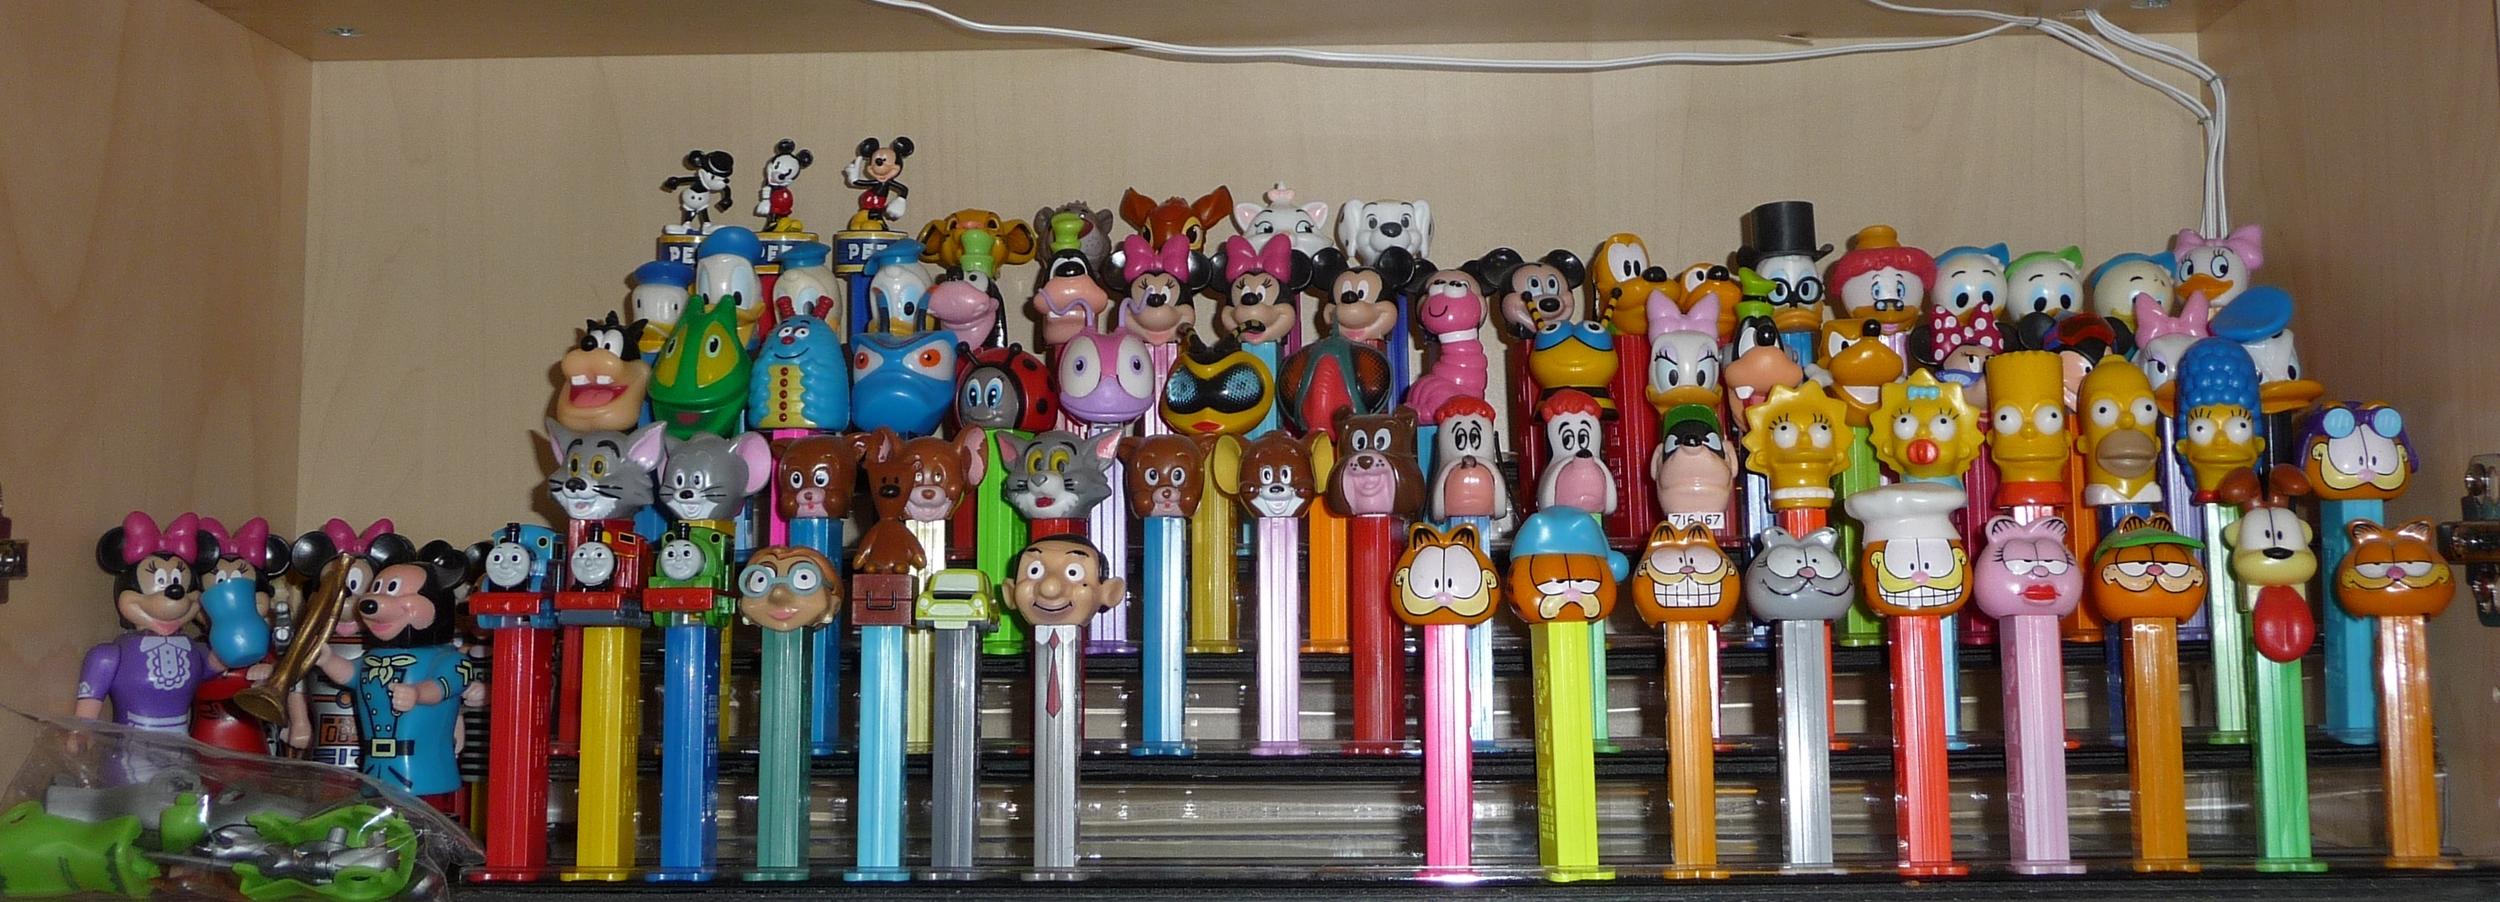 Disney PEZ